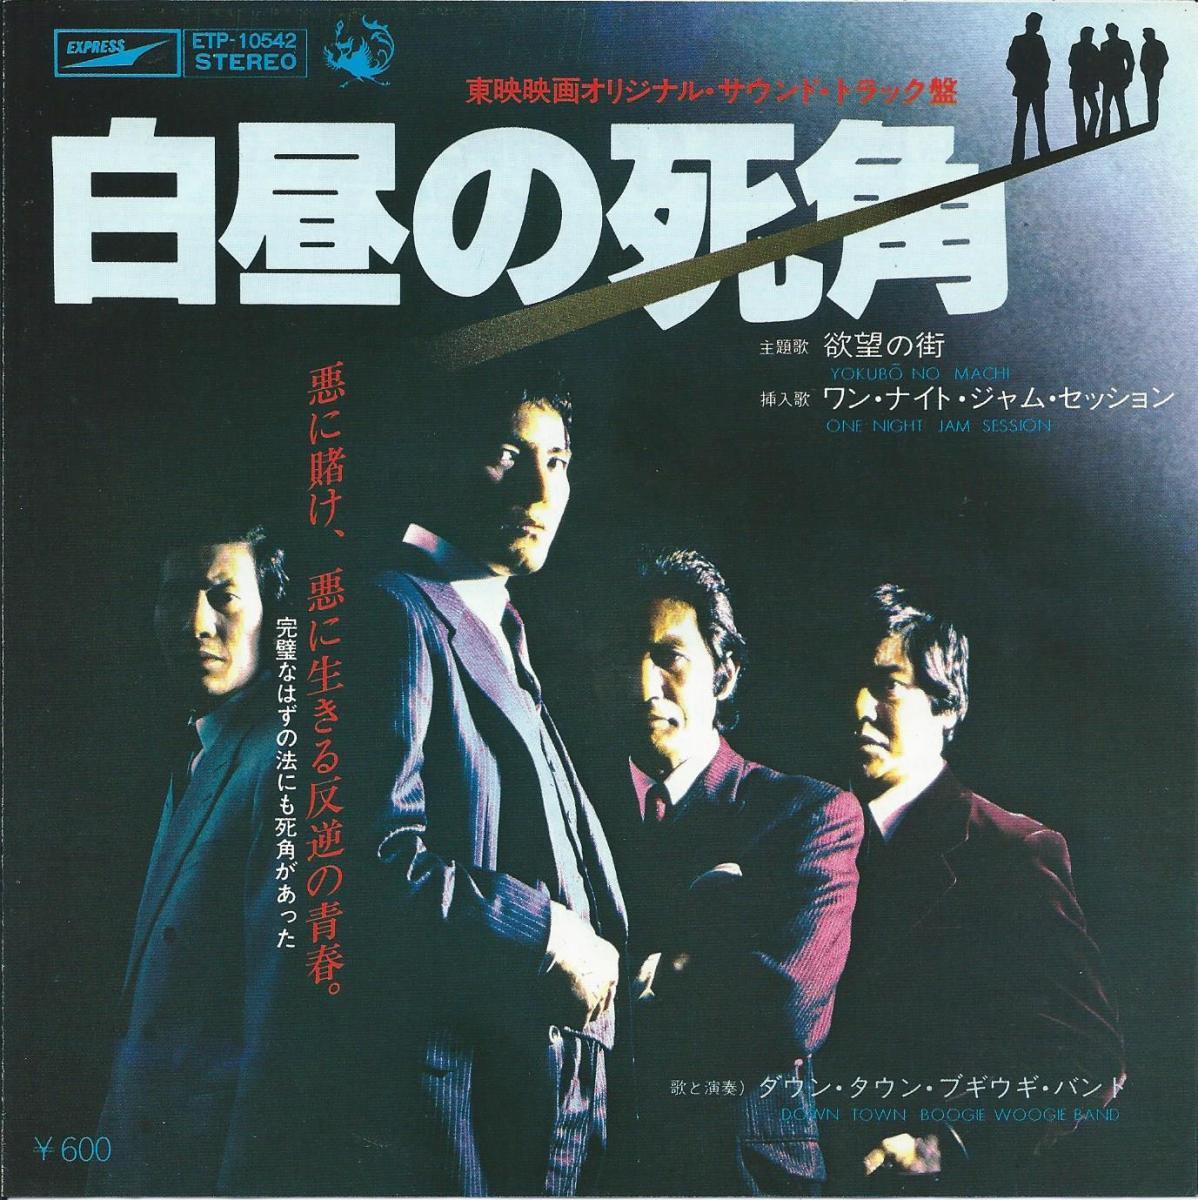 O.S.T. (ダウン・タウン・ブギウギ・バンド) / 白昼の死角 (欲望の街) (7